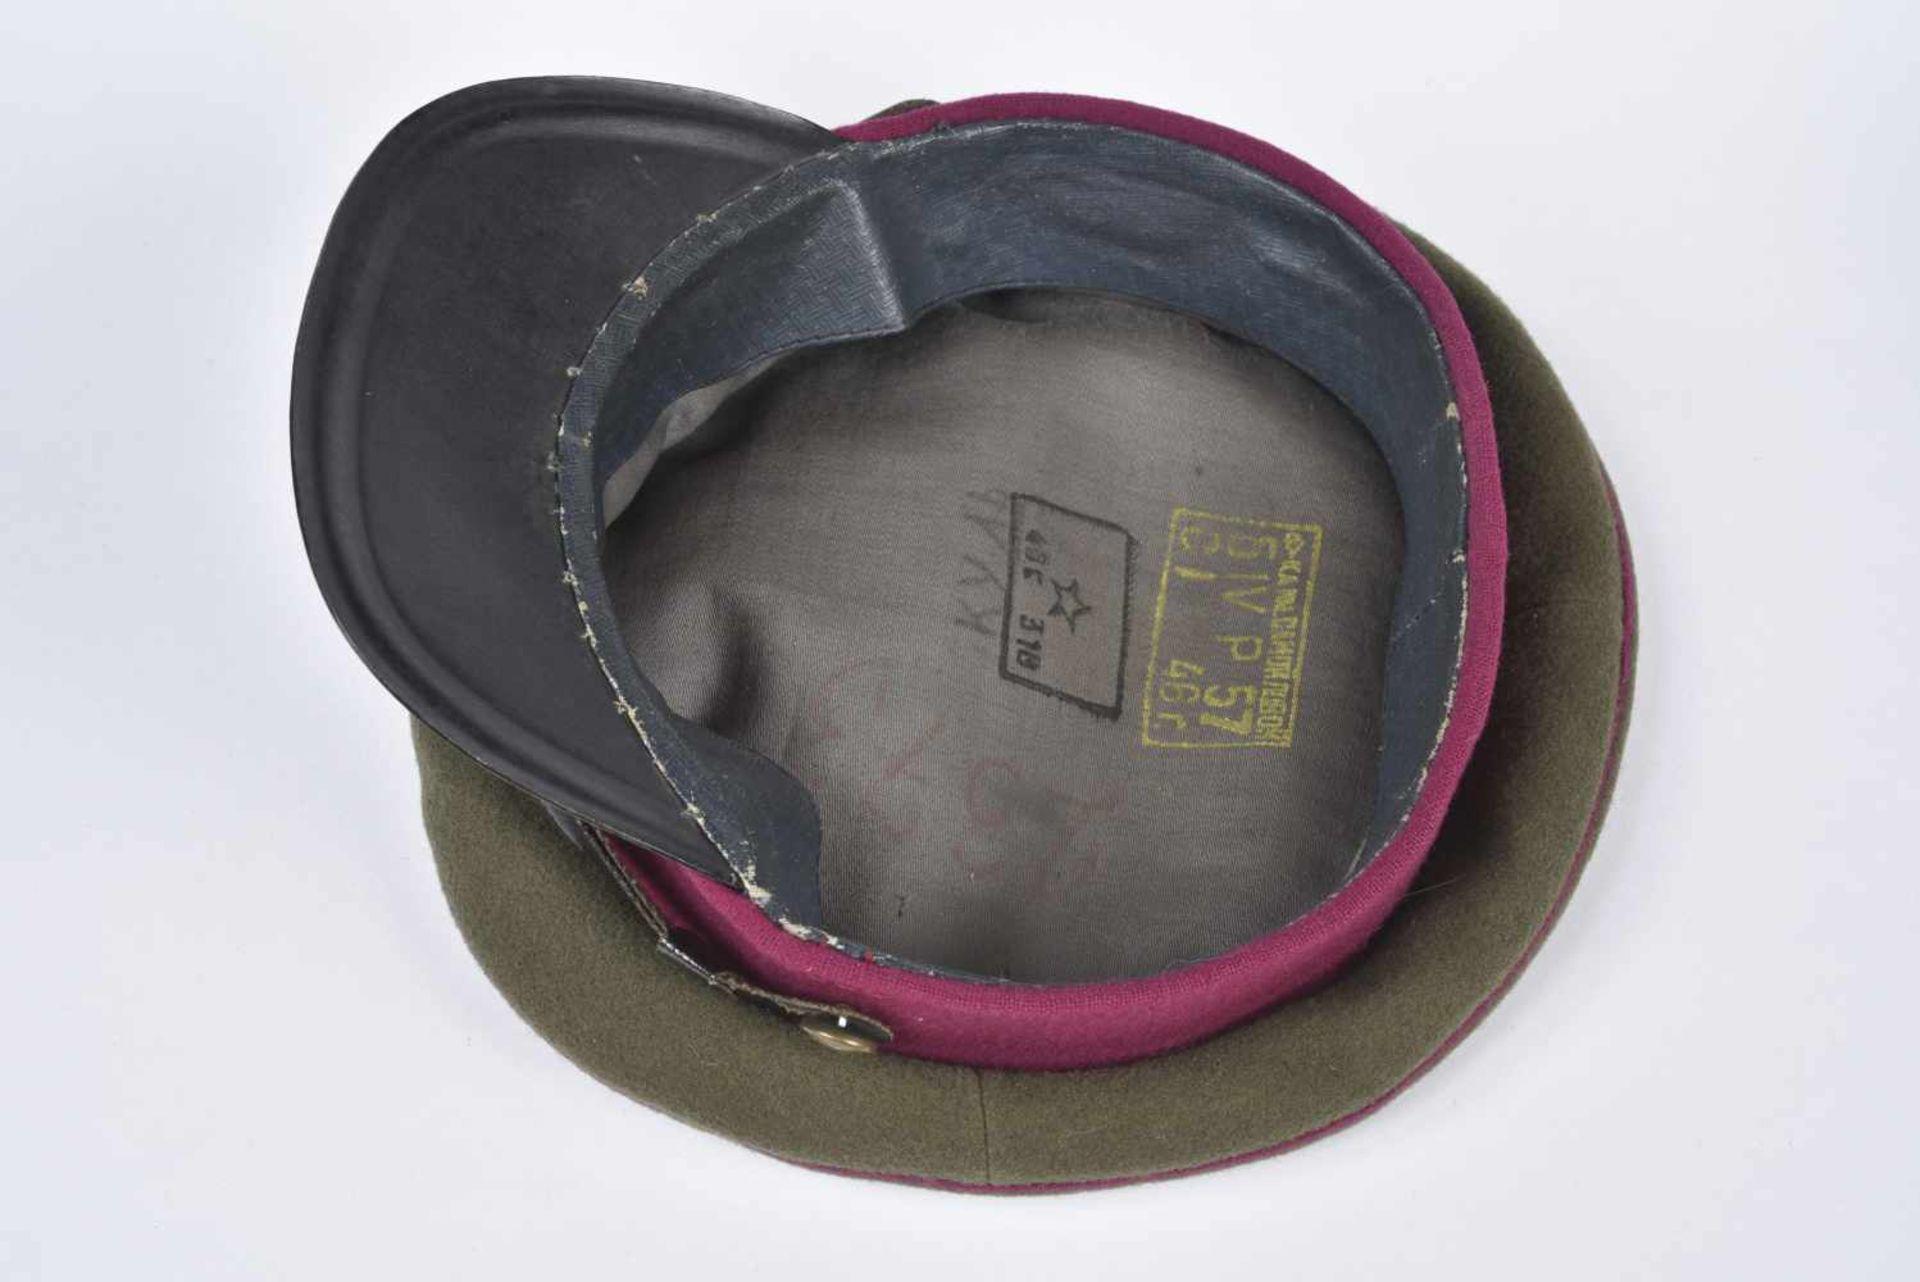 Casquette M.35 Infanterie bandeau et passepoil framboise, taille 57, coiffe souple, datée 1946. M.35 - Bild 3 aus 4